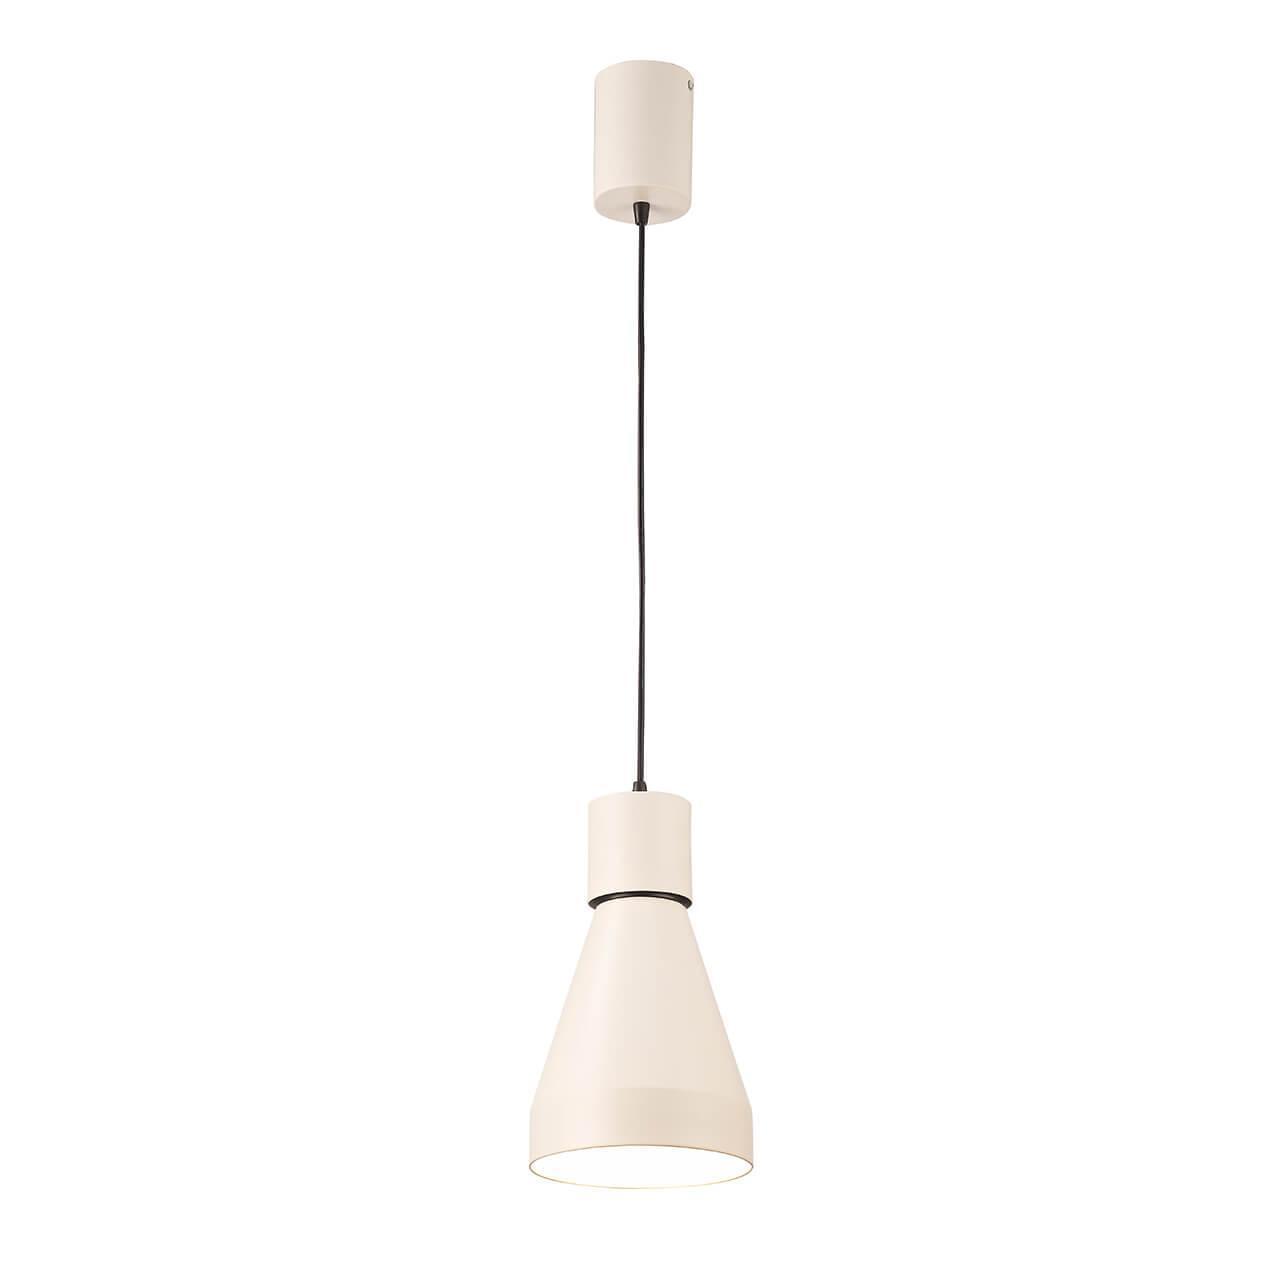 Подвесной светильник Mantra 5620, E27, 40 Вт